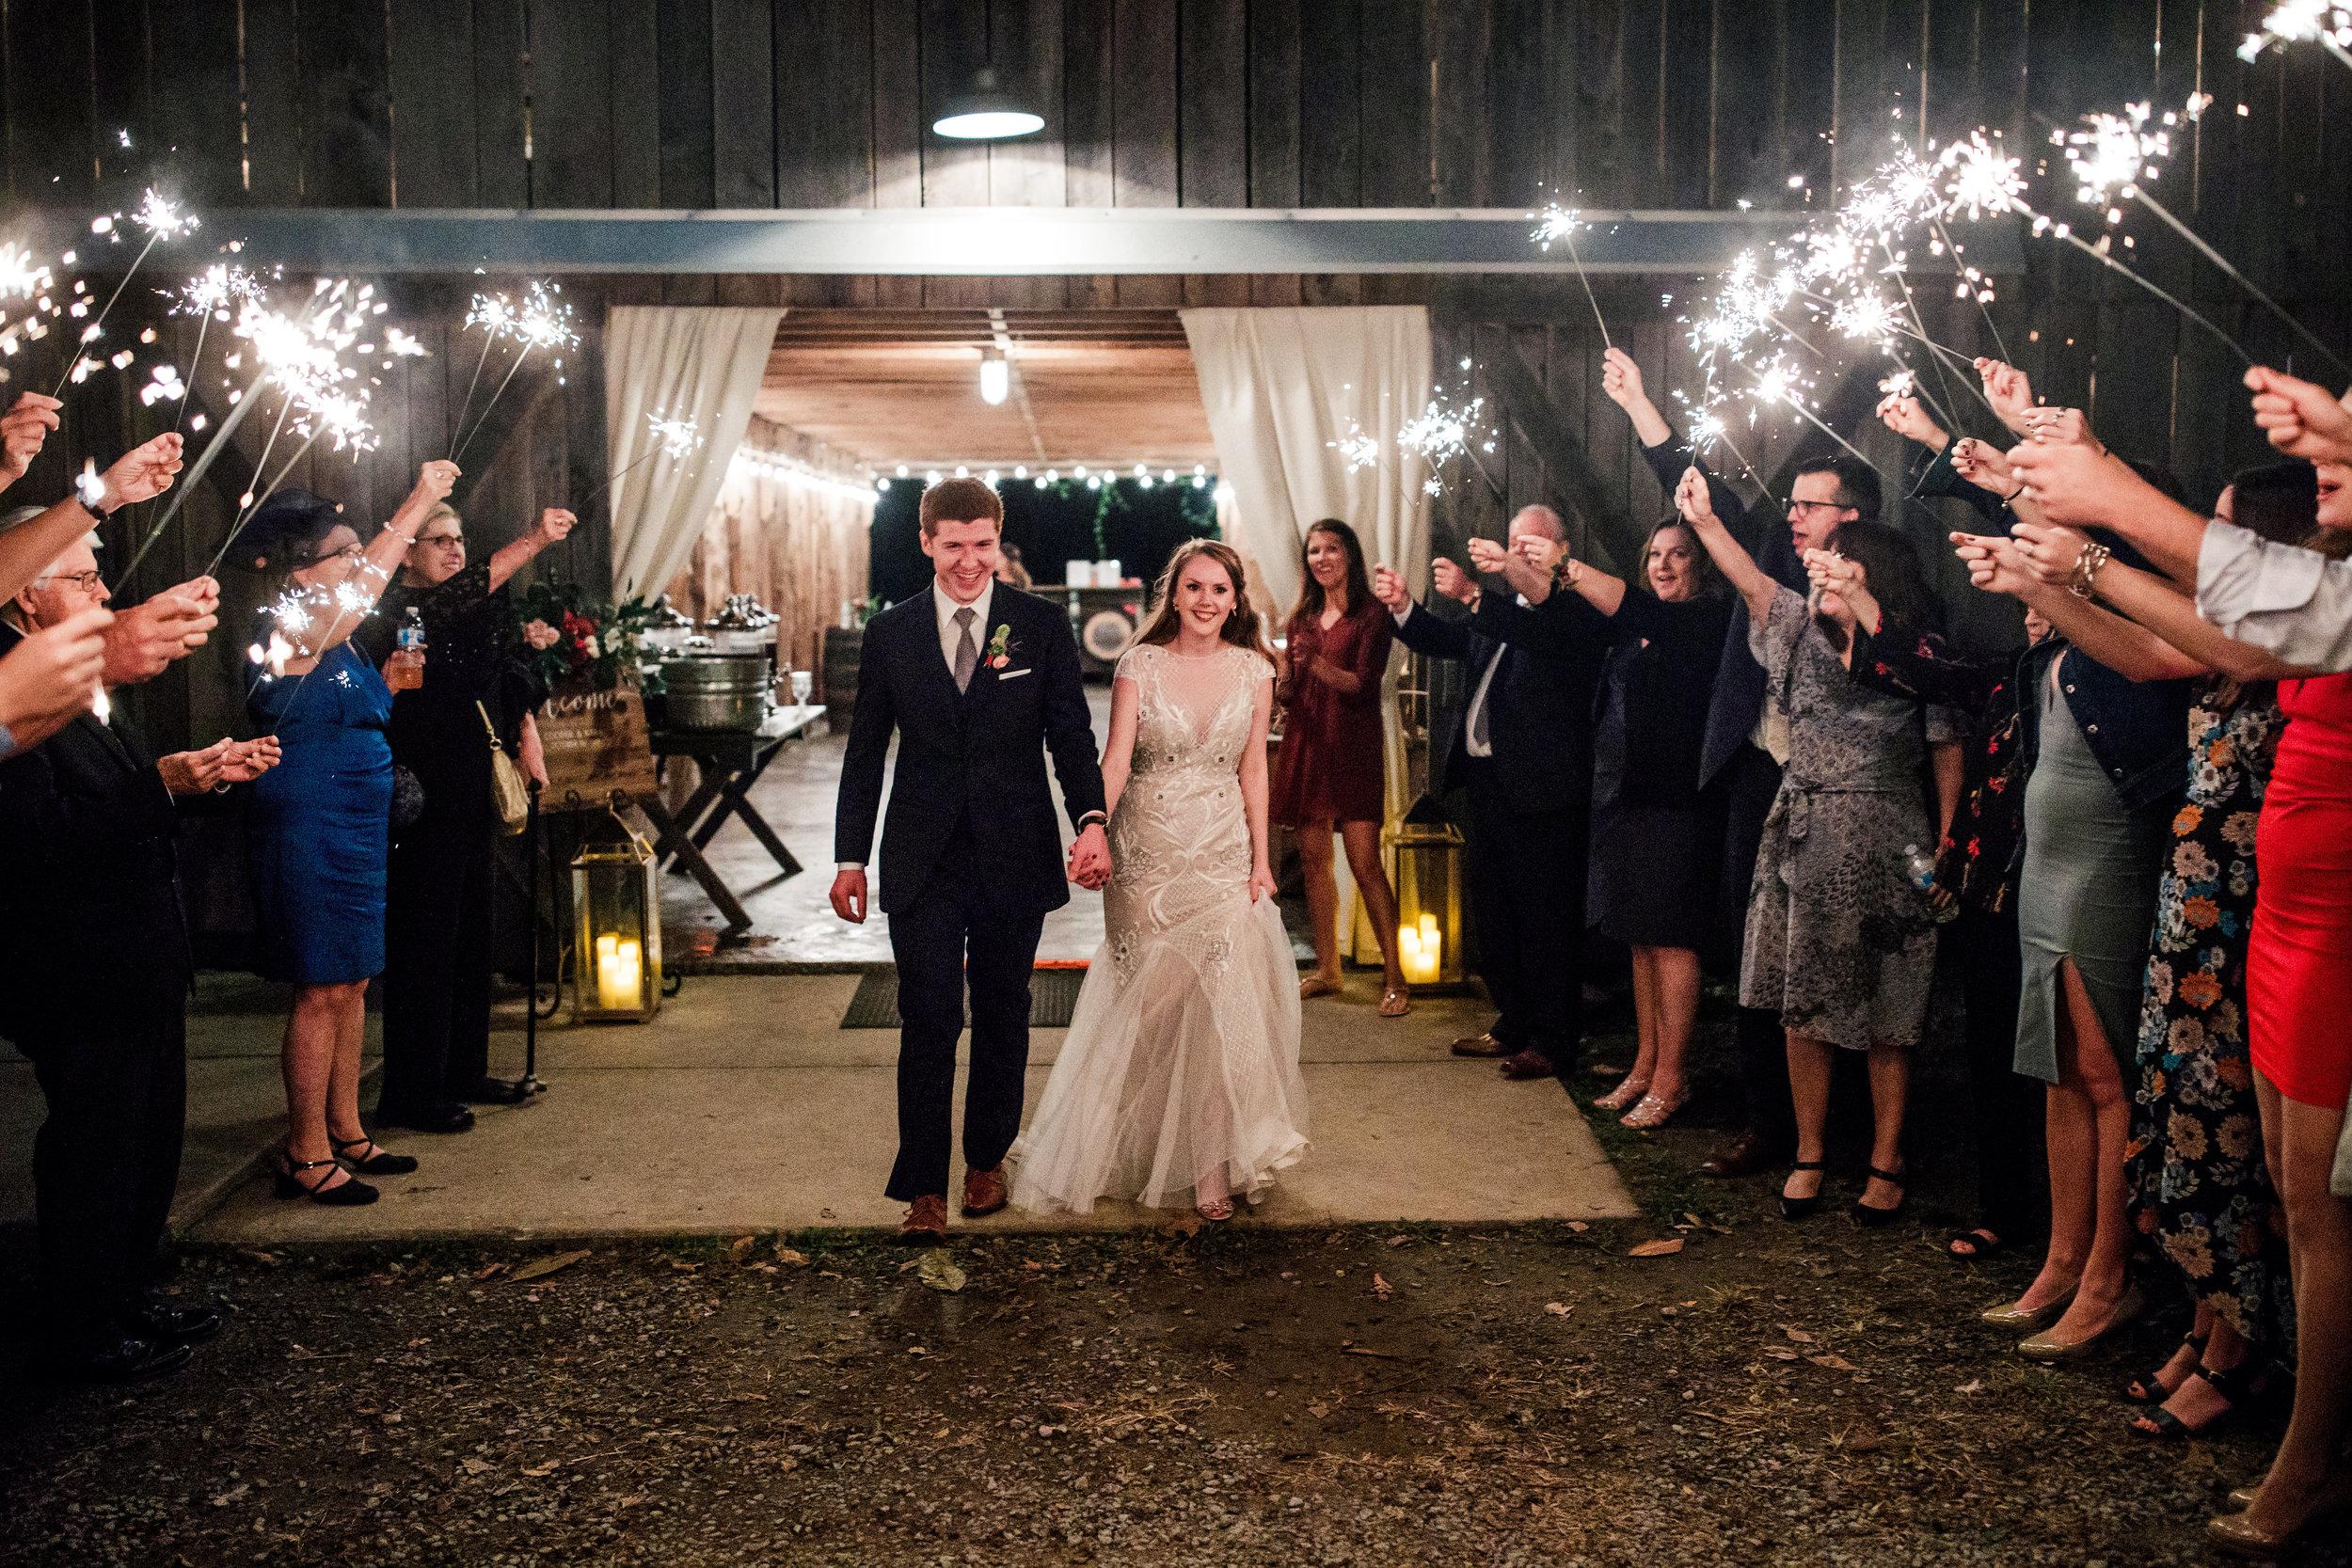 Wrens-Nest-Wedding-Murfreesboro-TN 61.jpg